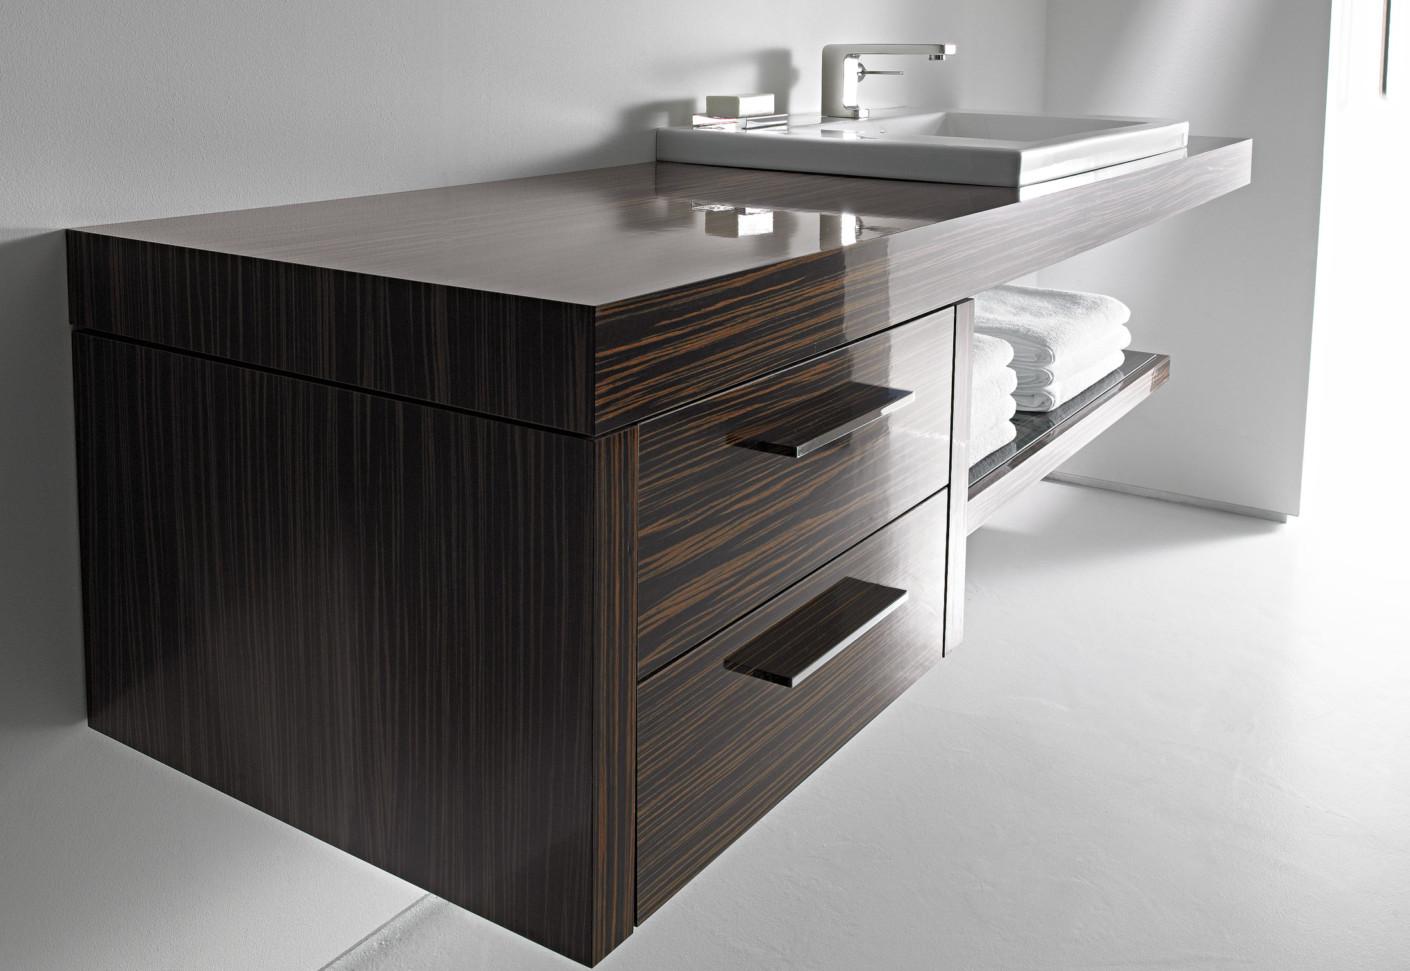 2nd floor vanity unit by Duravit | STYLEPARK